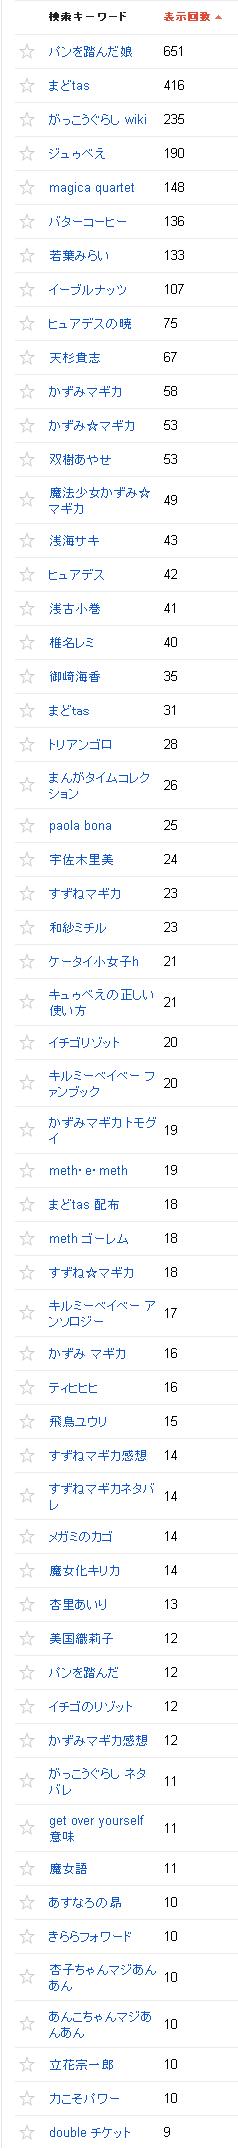 2014/08/02の検索クエリ一覧(ウェブマスターツール)の上位